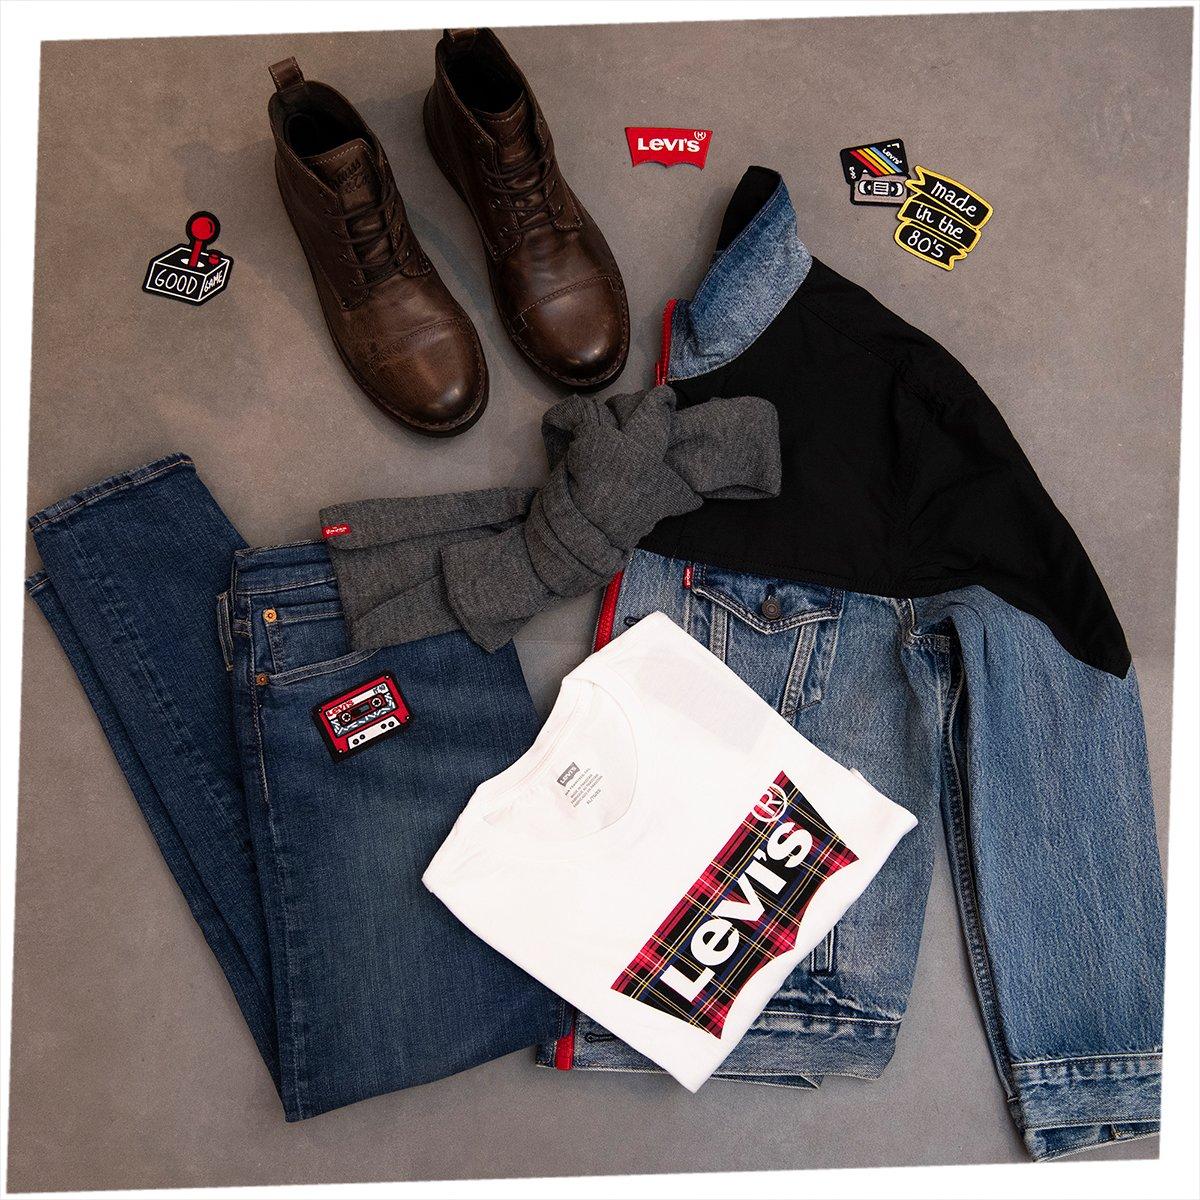 Zorlu'da yeni mağazasıyla stilinize renk katan Levi's® ile şehrin ritmine ayak uydurmanın tam zamanı! 👋 #zorludayız #alışveriş